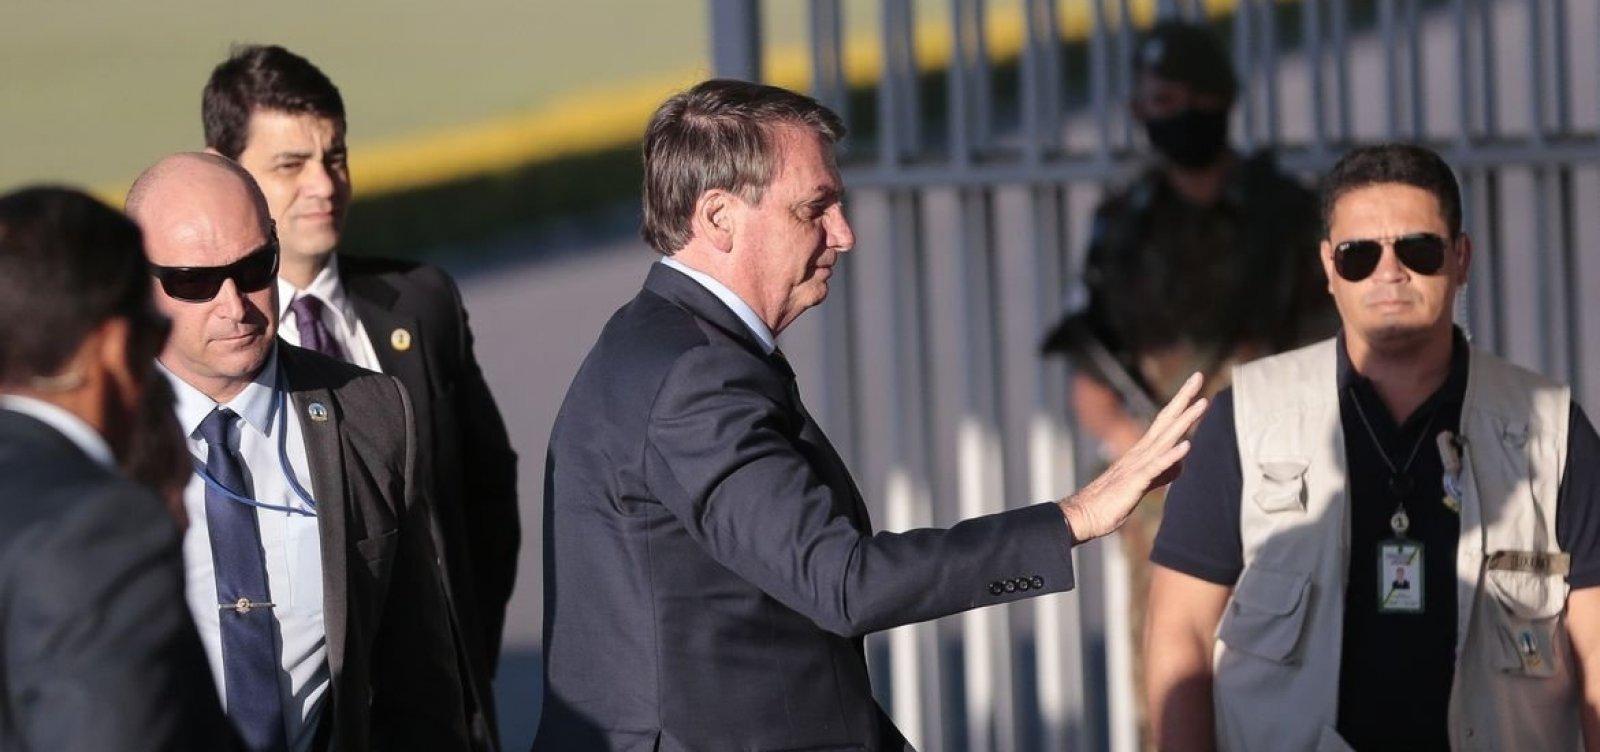 [PF informa a ministro que precisa ouvir Bolsonaro nos próximos dias em caso de interferência]